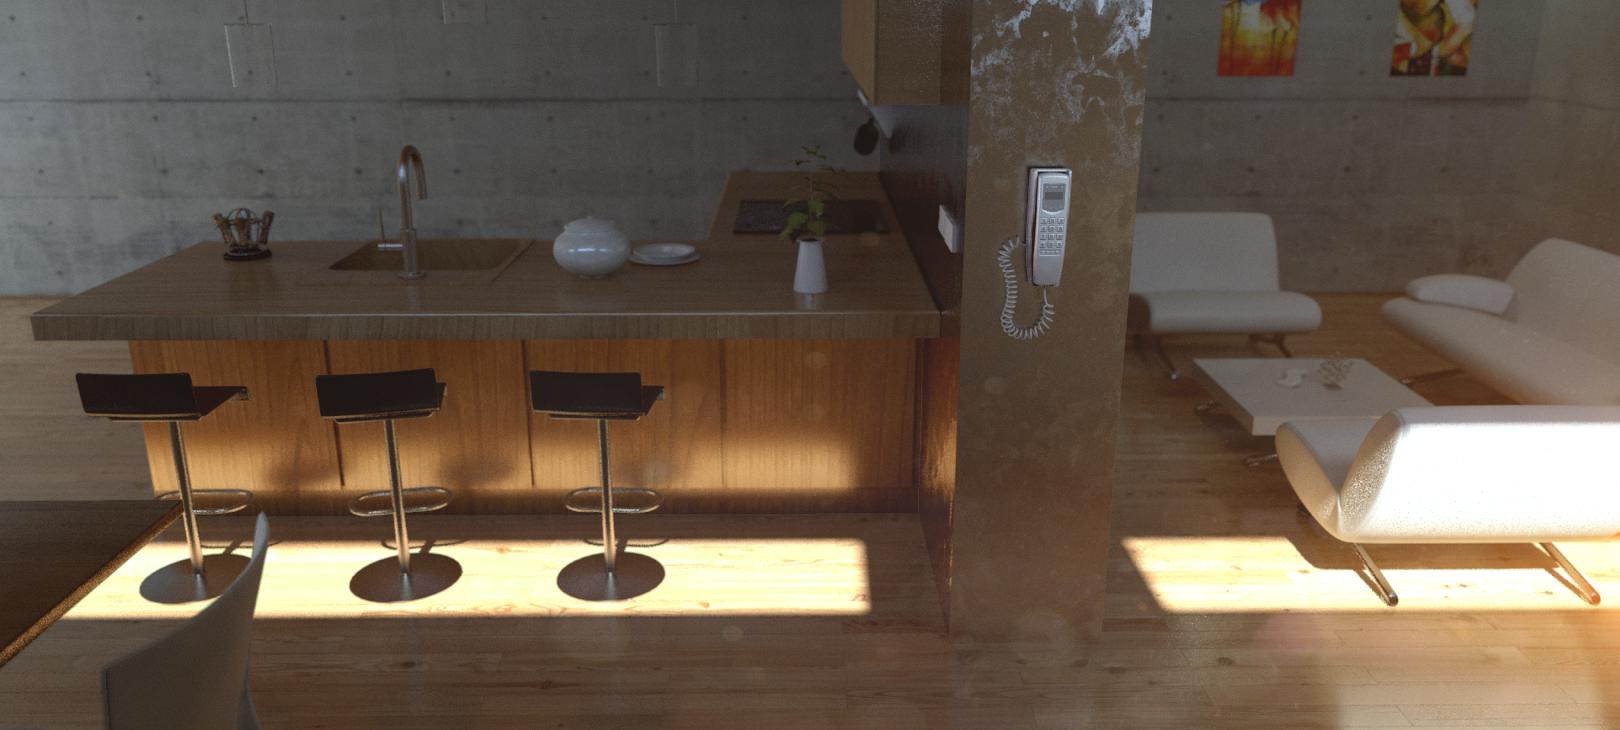 Kitchen Hob Side View ~ Kitchen render side view by djreko on deviantart